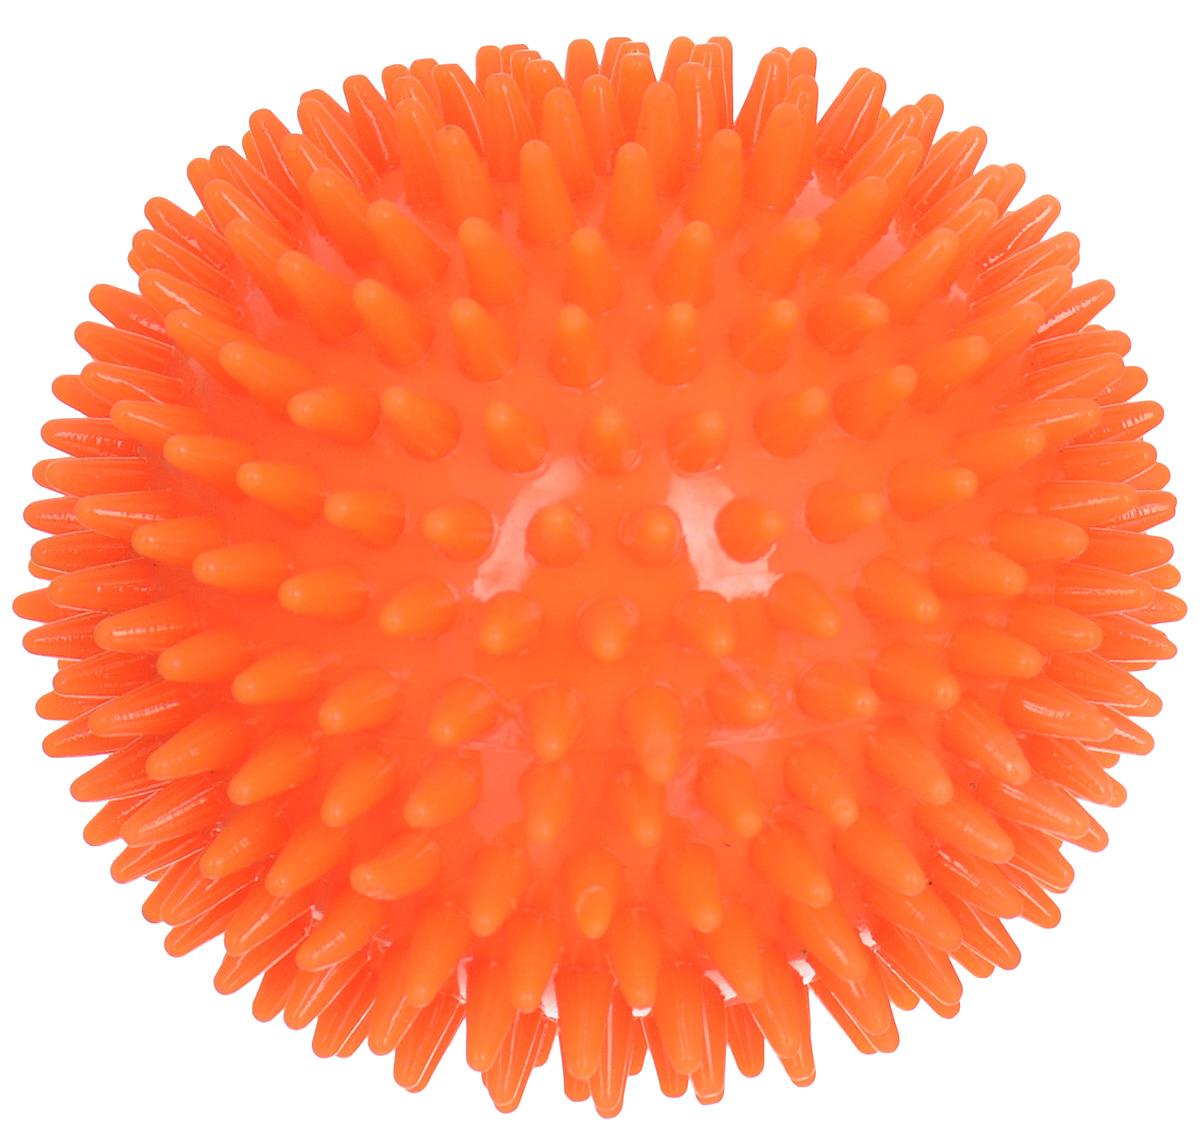 Мяч для собак Camon, шипованный, цвет: оранжевый, 10 смA307/A_оранжевыйИгрушка Camon для собак - это супер прочная, супер безопасная и супер увлекательная игрушка. Мячик при бросании отскакивает по непредсказуемой траектории. Что обеспечивает часы веселья и удовольствия. Запатентованный материал и дополнительные массажные элементы-шипы гарантируют, что ваша собака будет наслаждаться игрой с мячом в течение длительного времени. Очень прочный.Непредсказуемый отскок.Средний размер для собак весом от 6 до 15 кг.Мячик плавает.